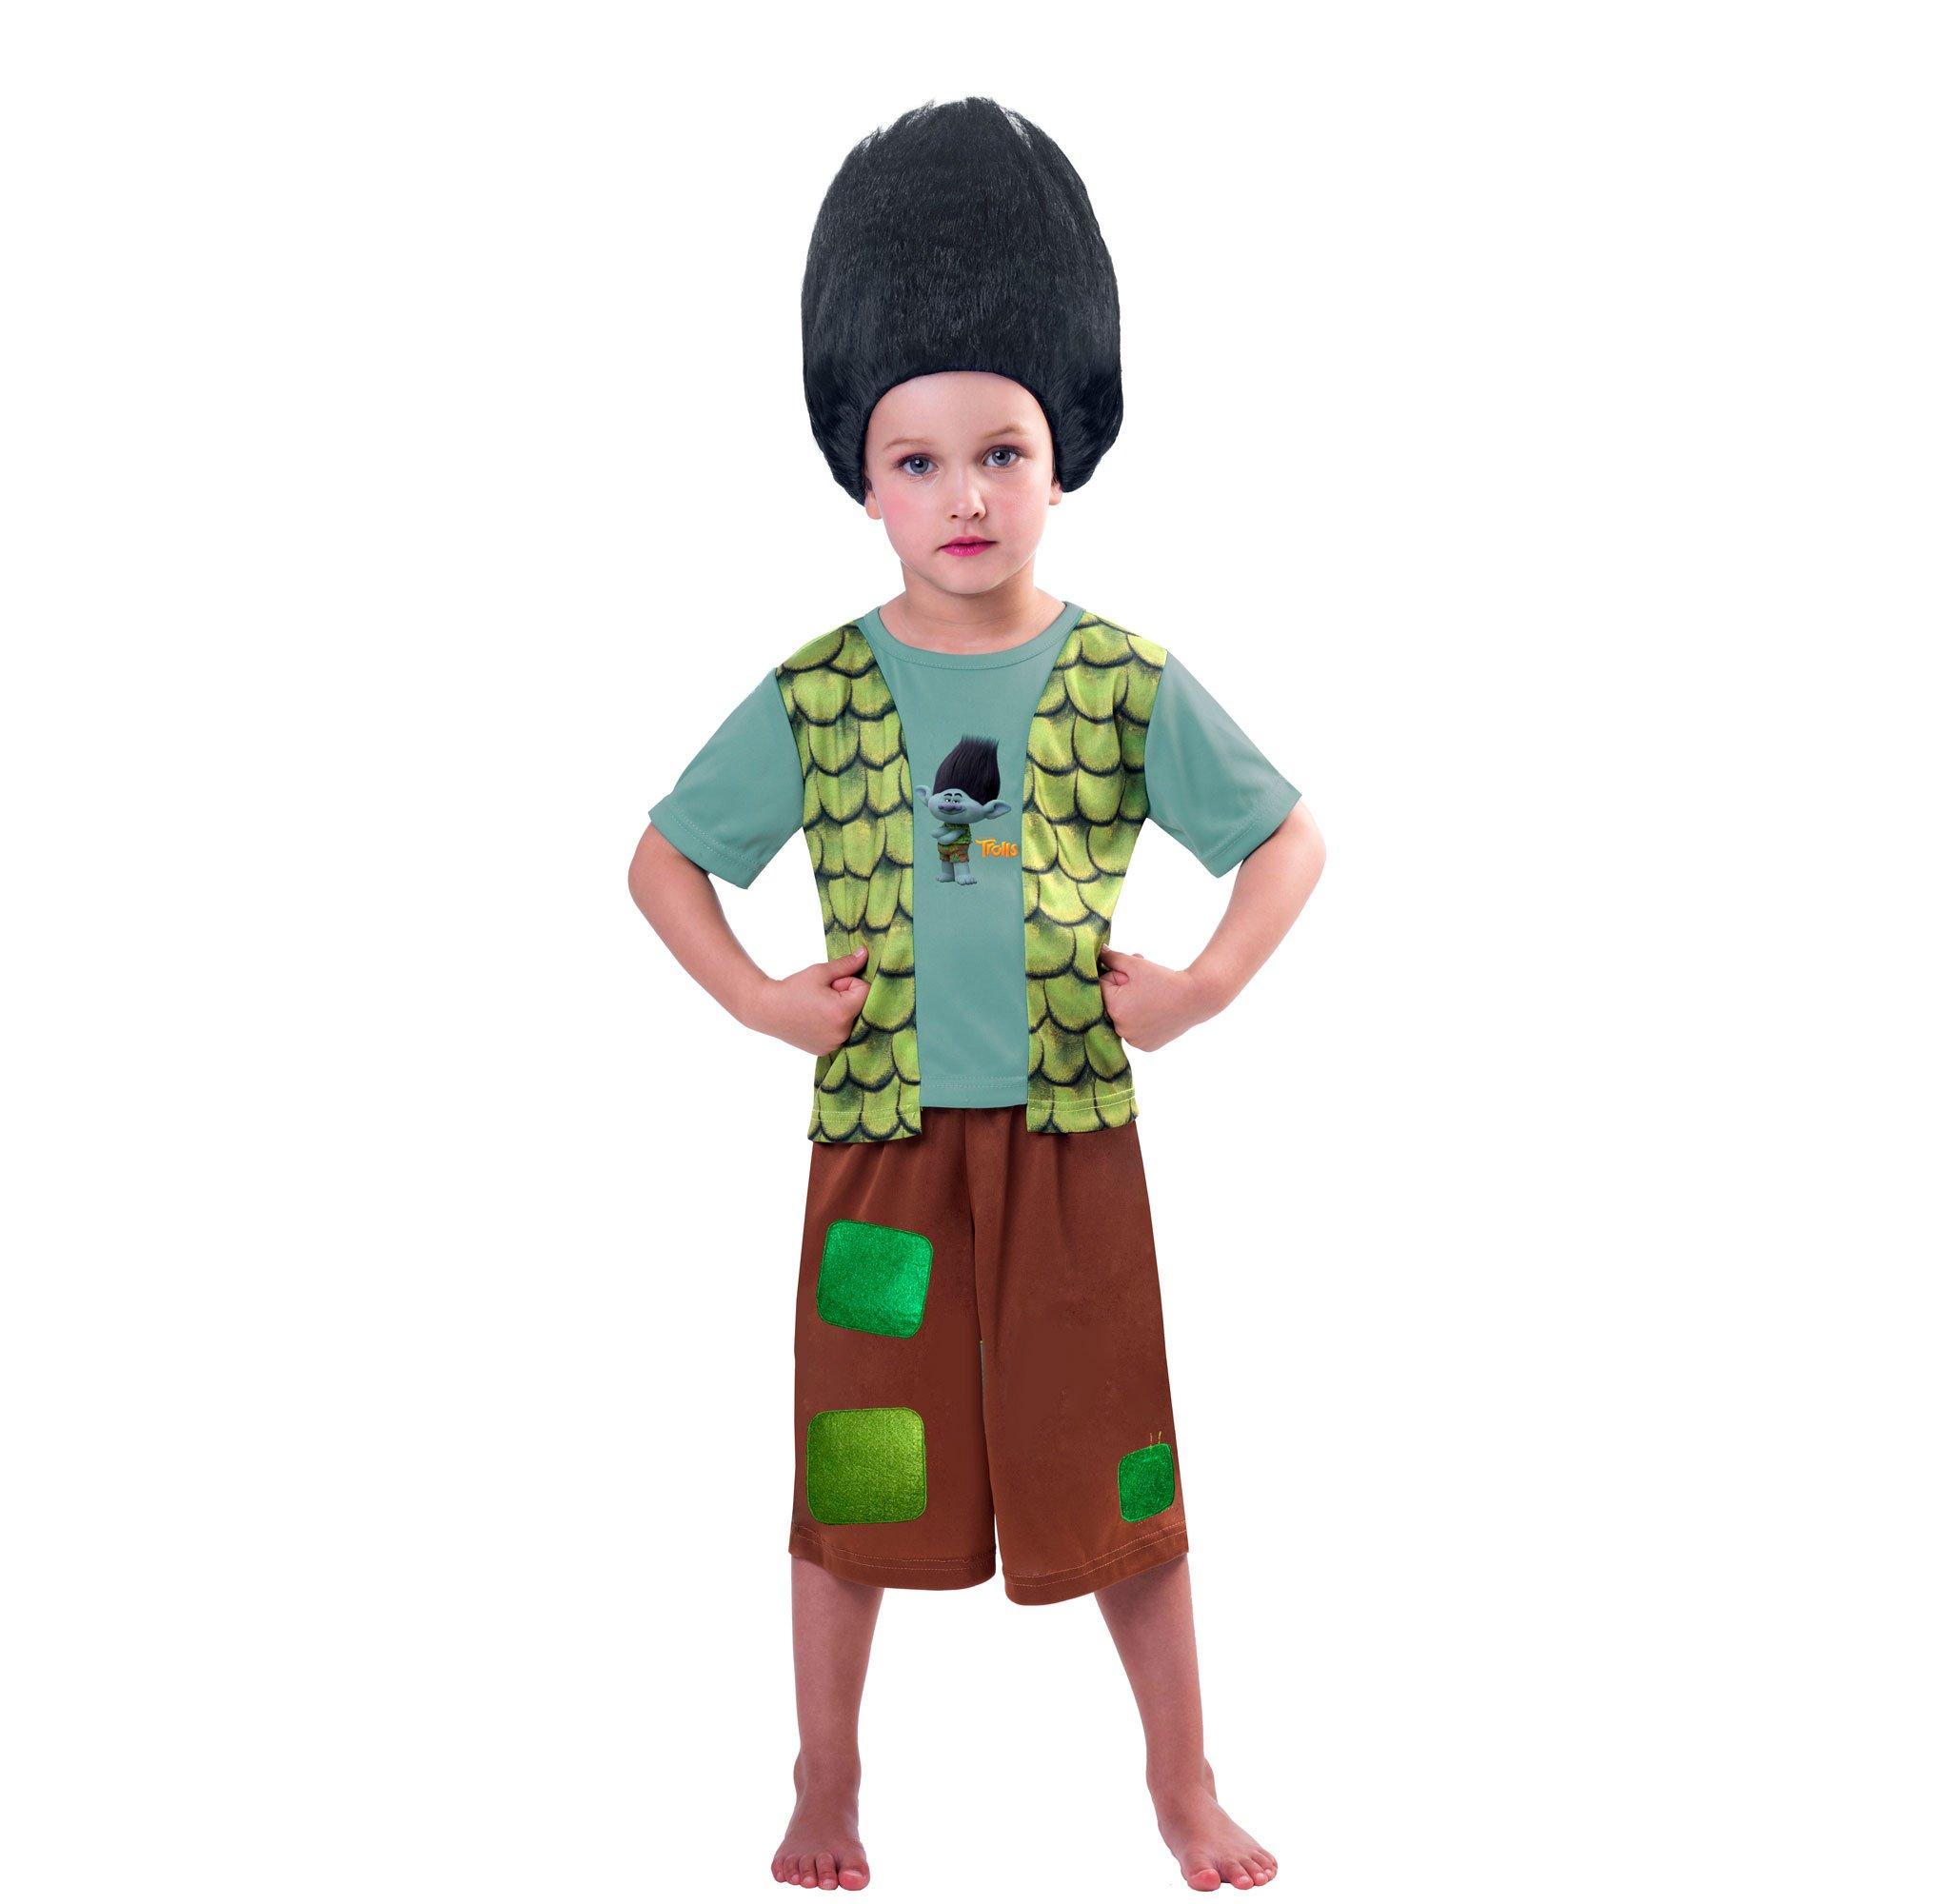 Trolls Boys Branch Costume & Wig 5-7yrs